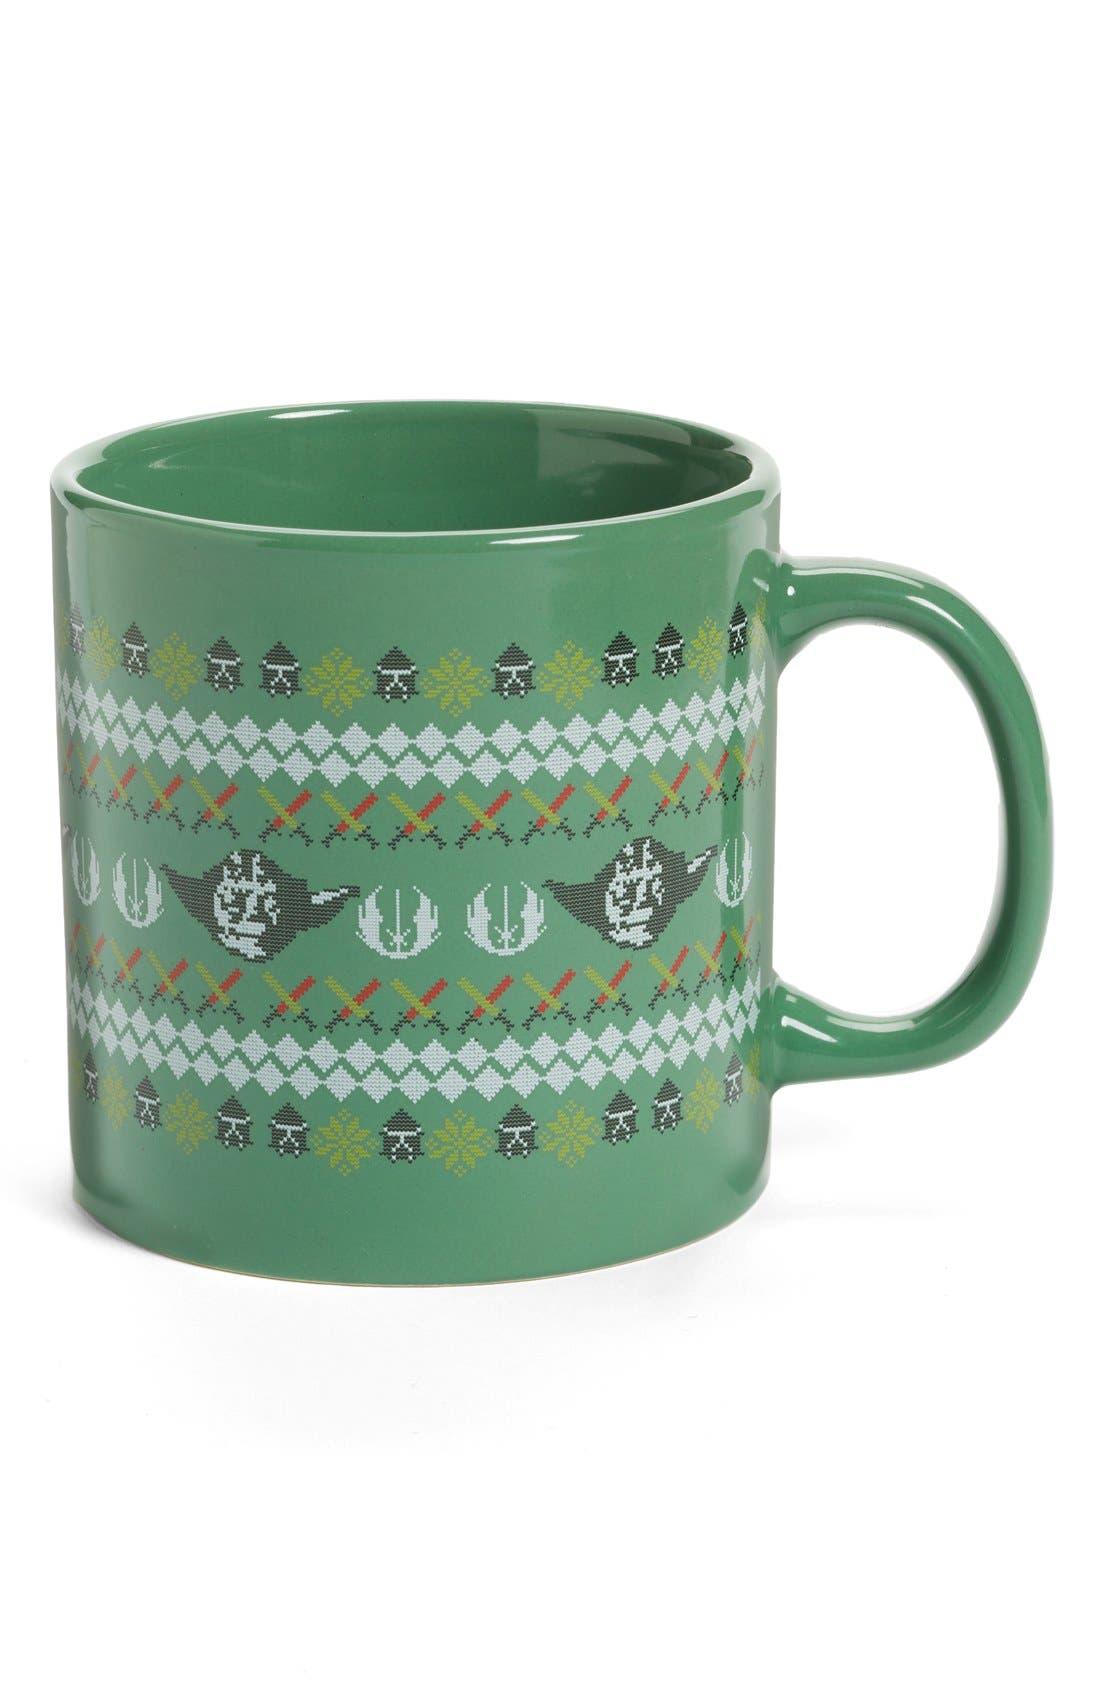 VANDOR Star Wars Christmas Mug, Main, color, 300